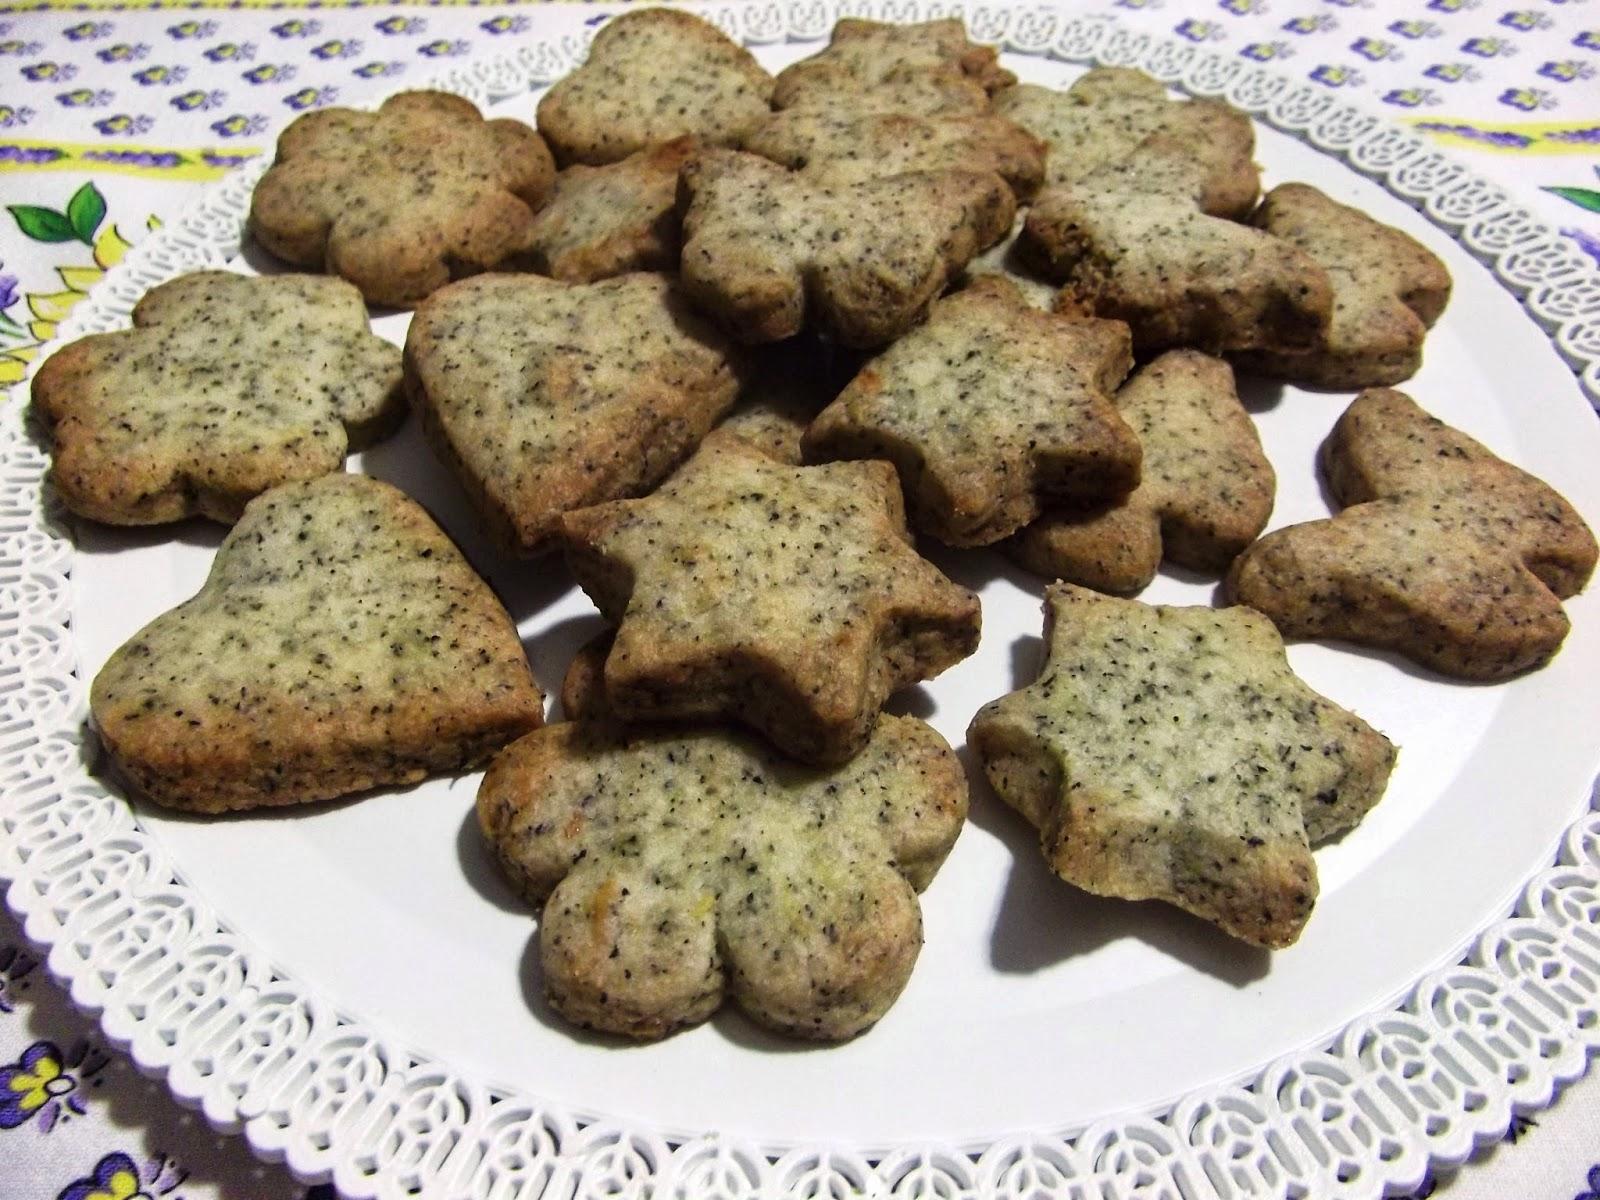 biscotti al tè al bergamotto